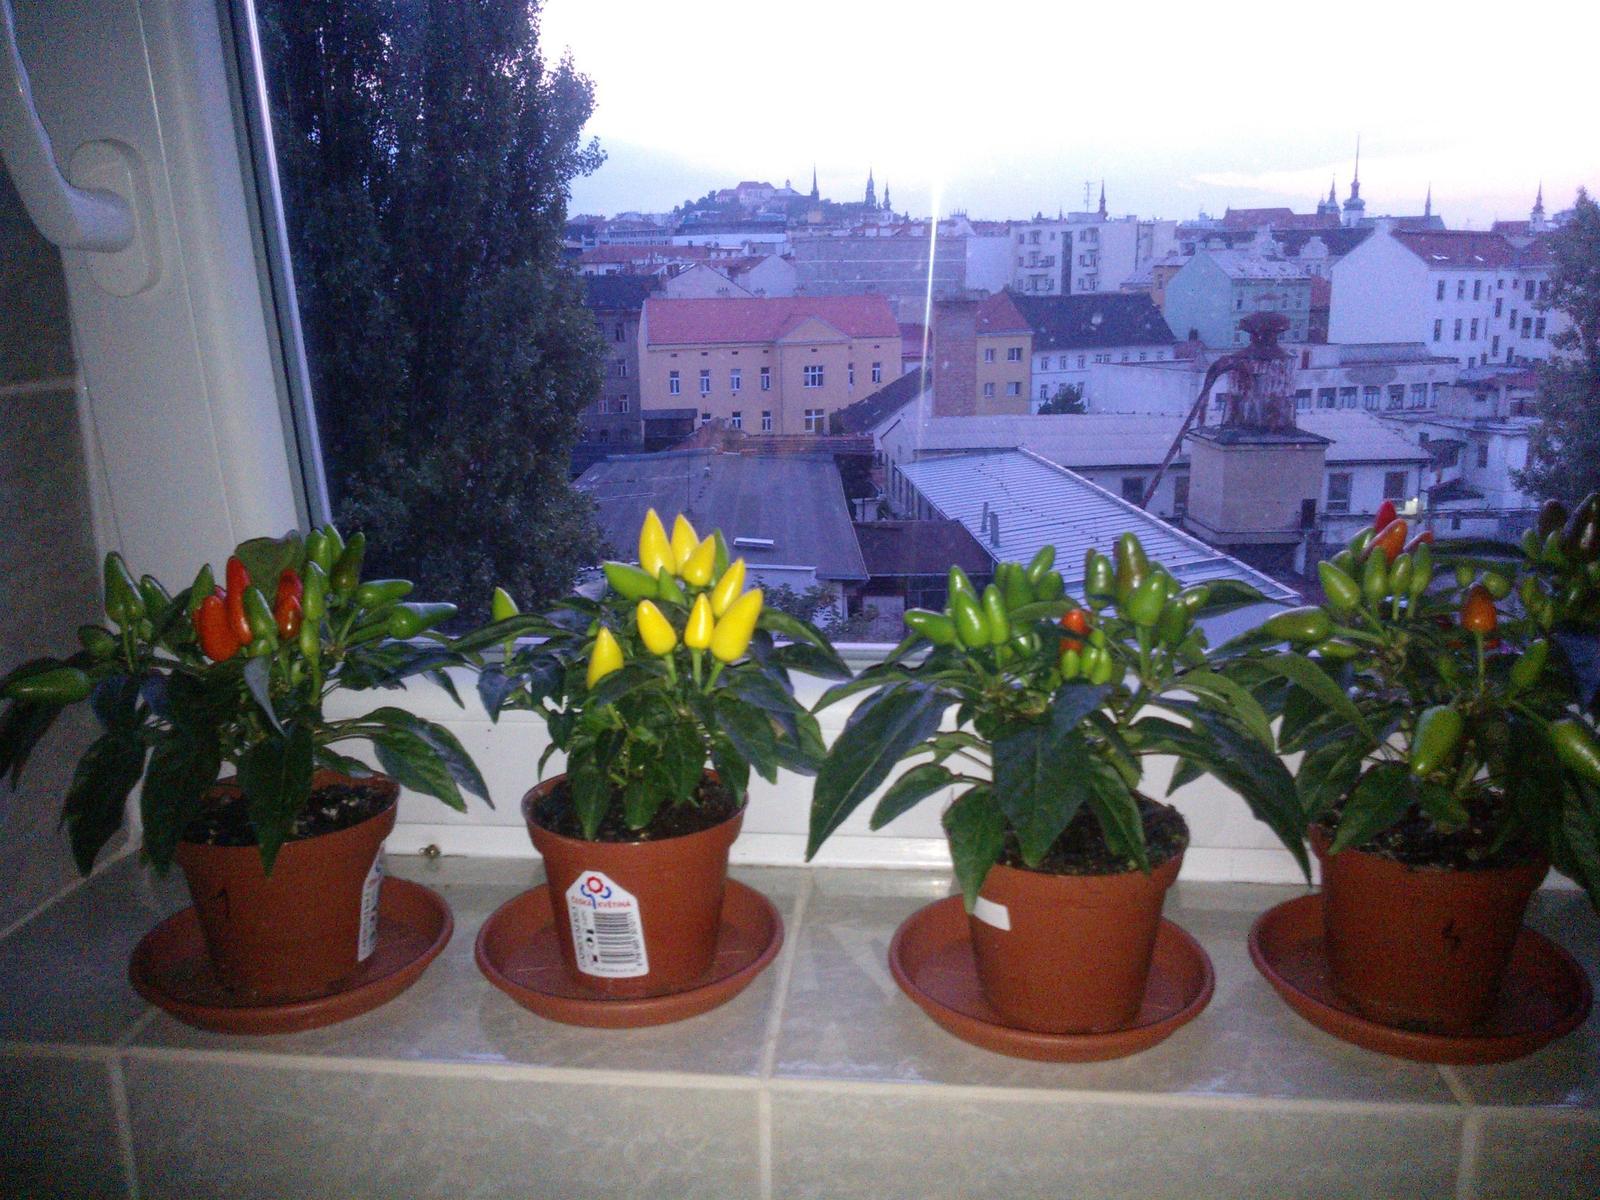 Pokus s vodou - Den 8 - papričky stále všechny živé a krásně se zbarvující :-)